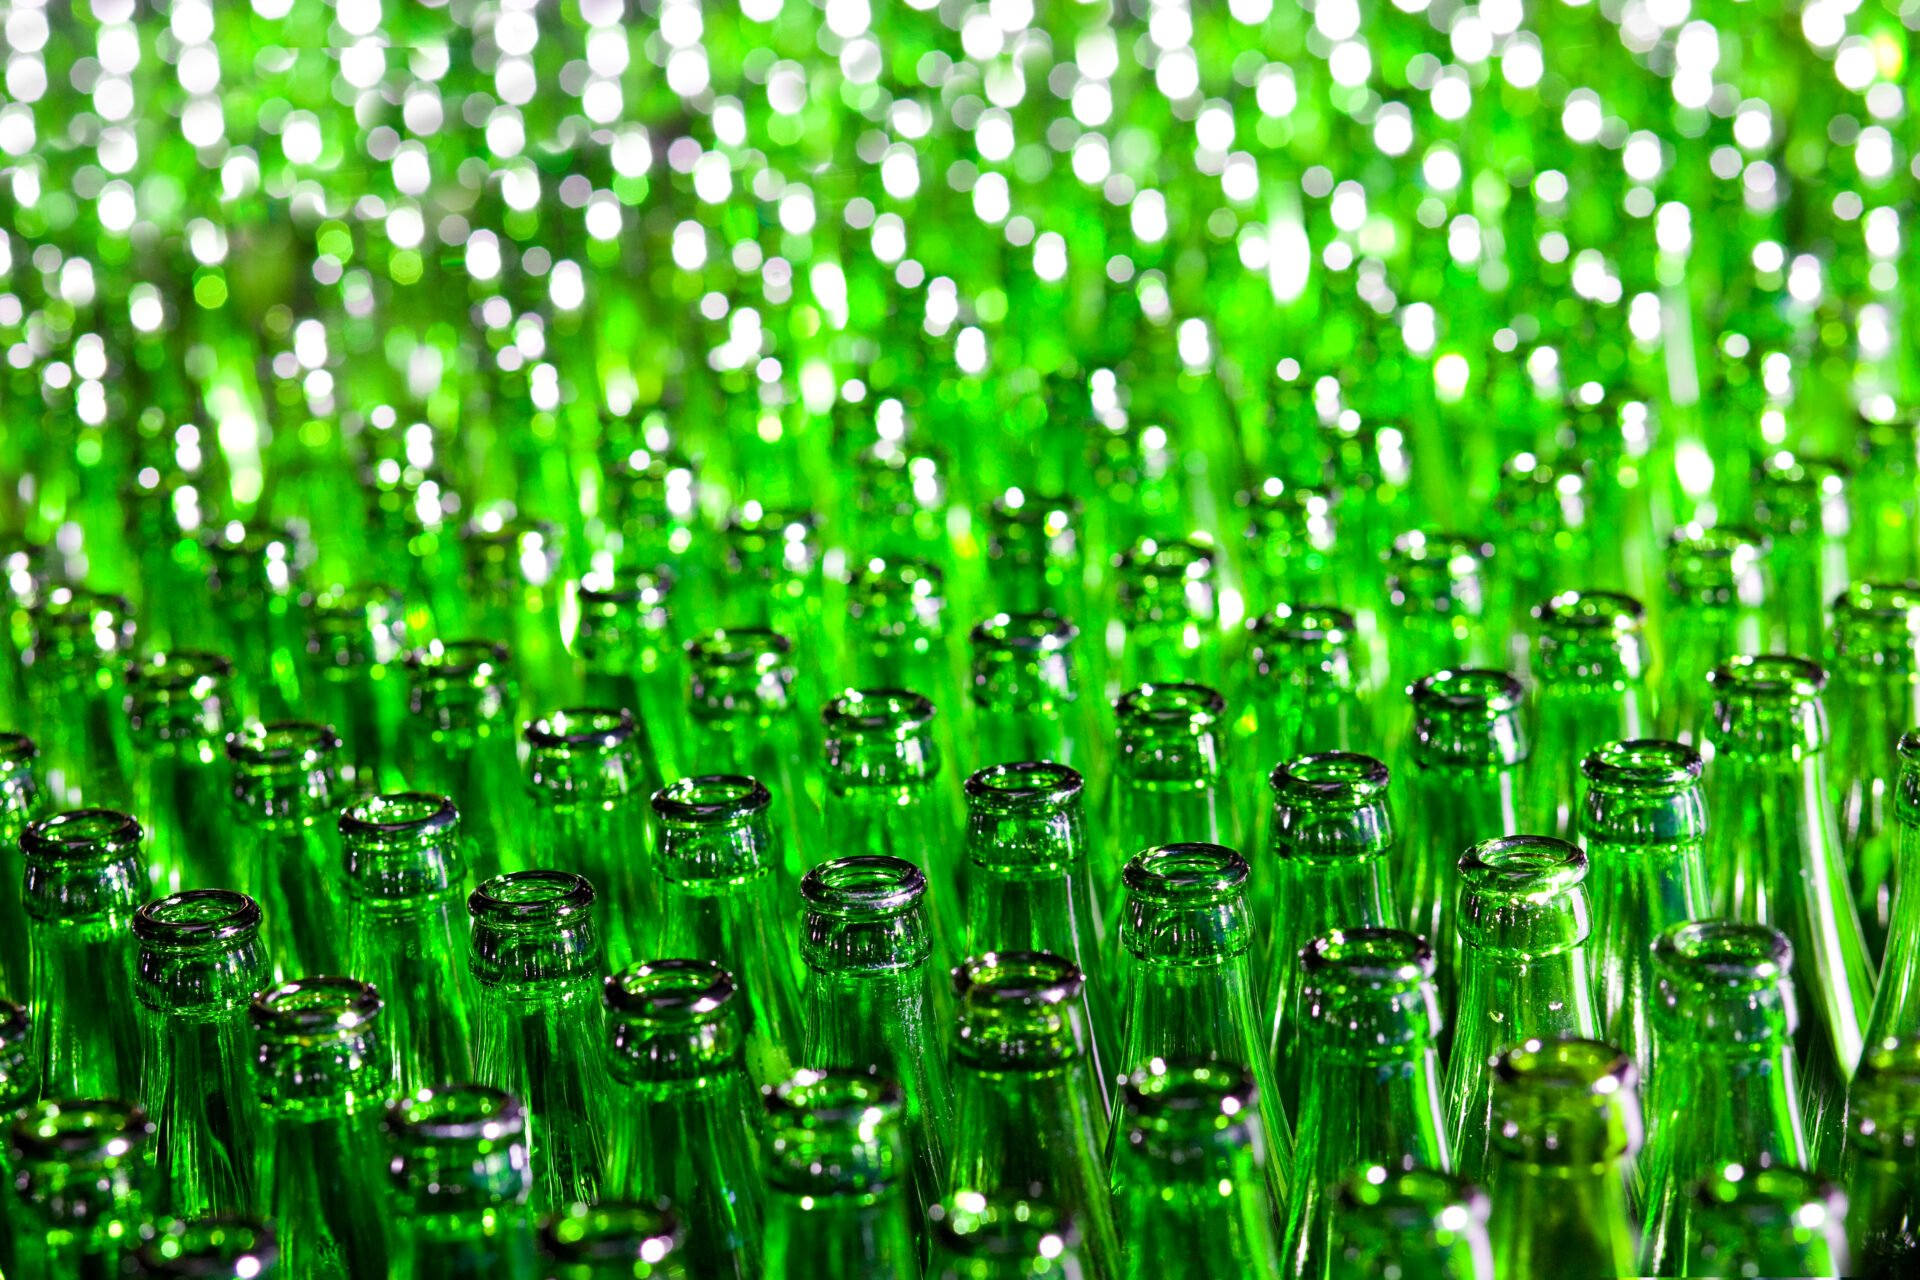 Bunch of green glass bottles